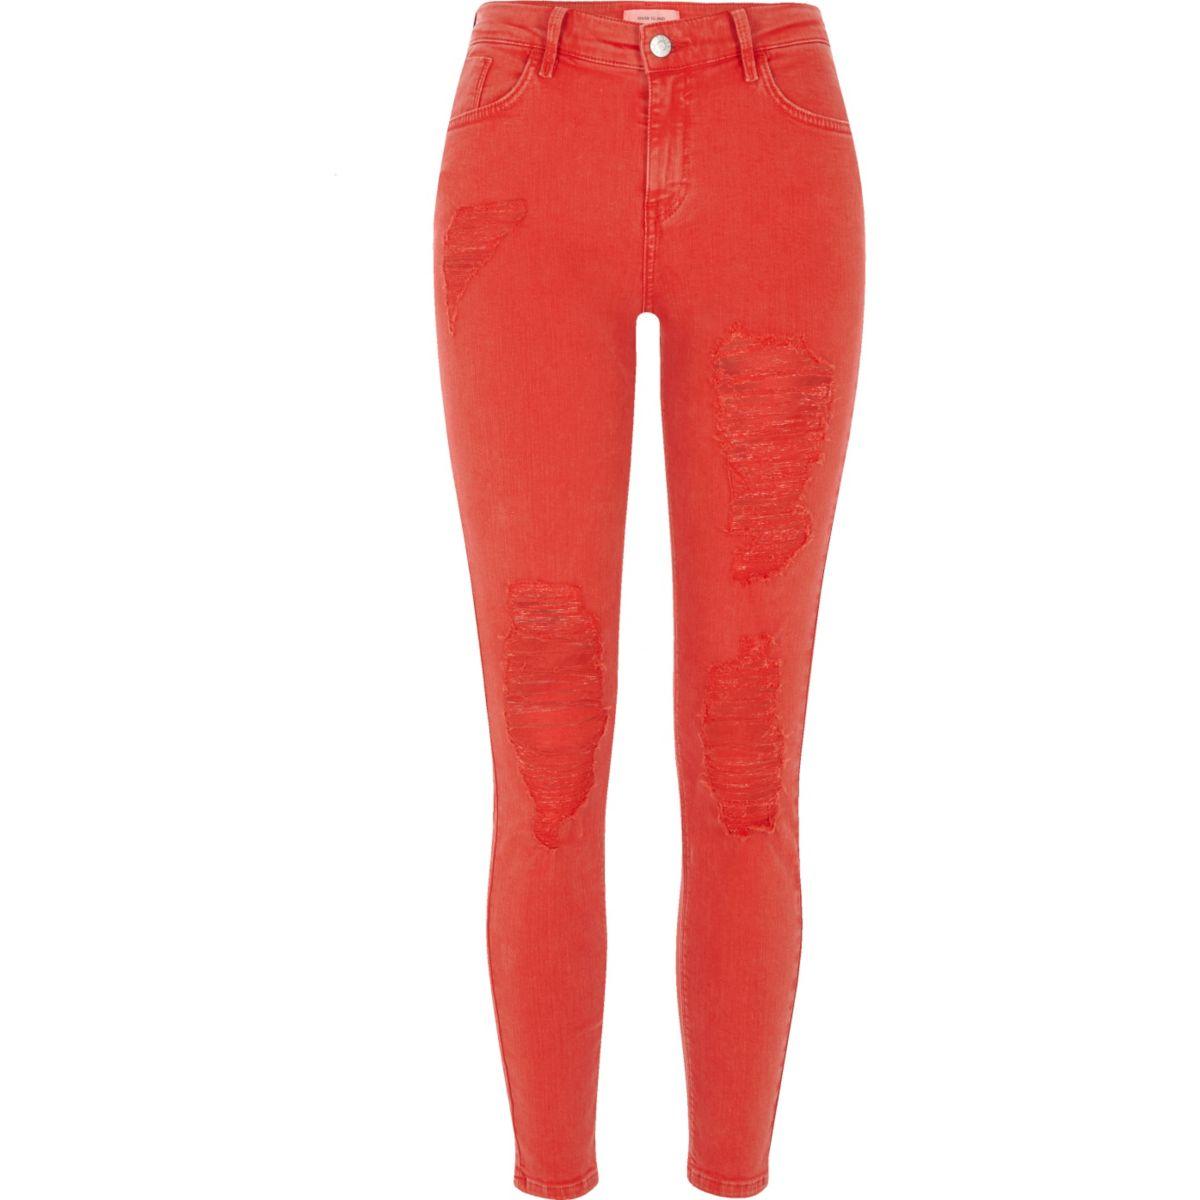 amelie rote superskinny jeans jeans sale damen. Black Bedroom Furniture Sets. Home Design Ideas